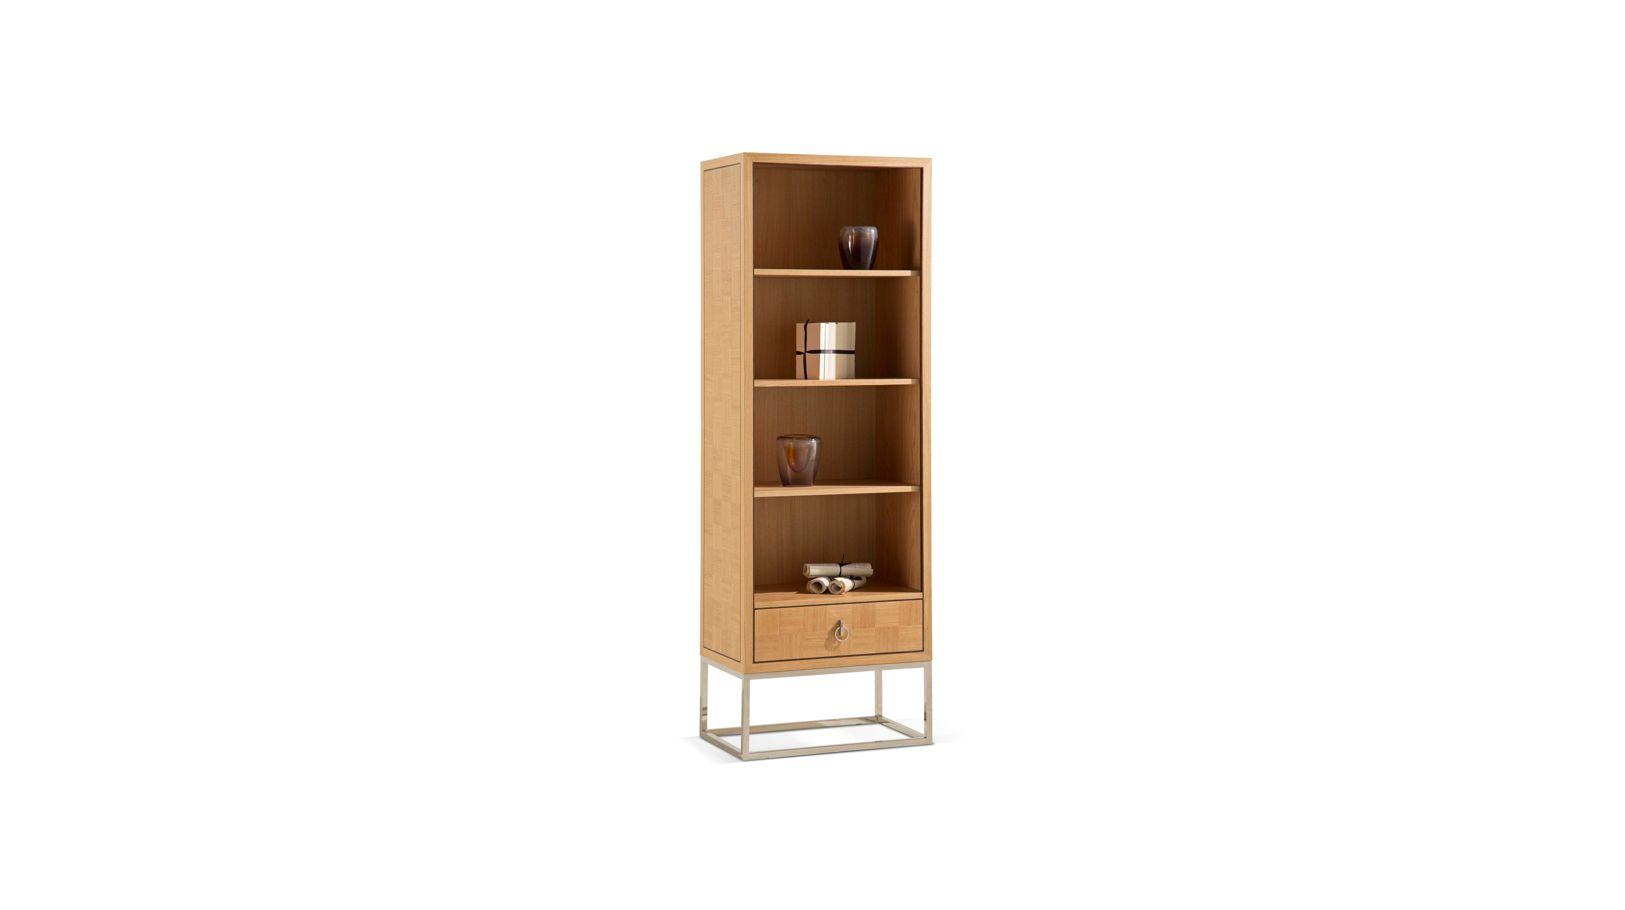 Epoq bookcase nouveaux classiques collection roche bobois - Collection roche bobois ...